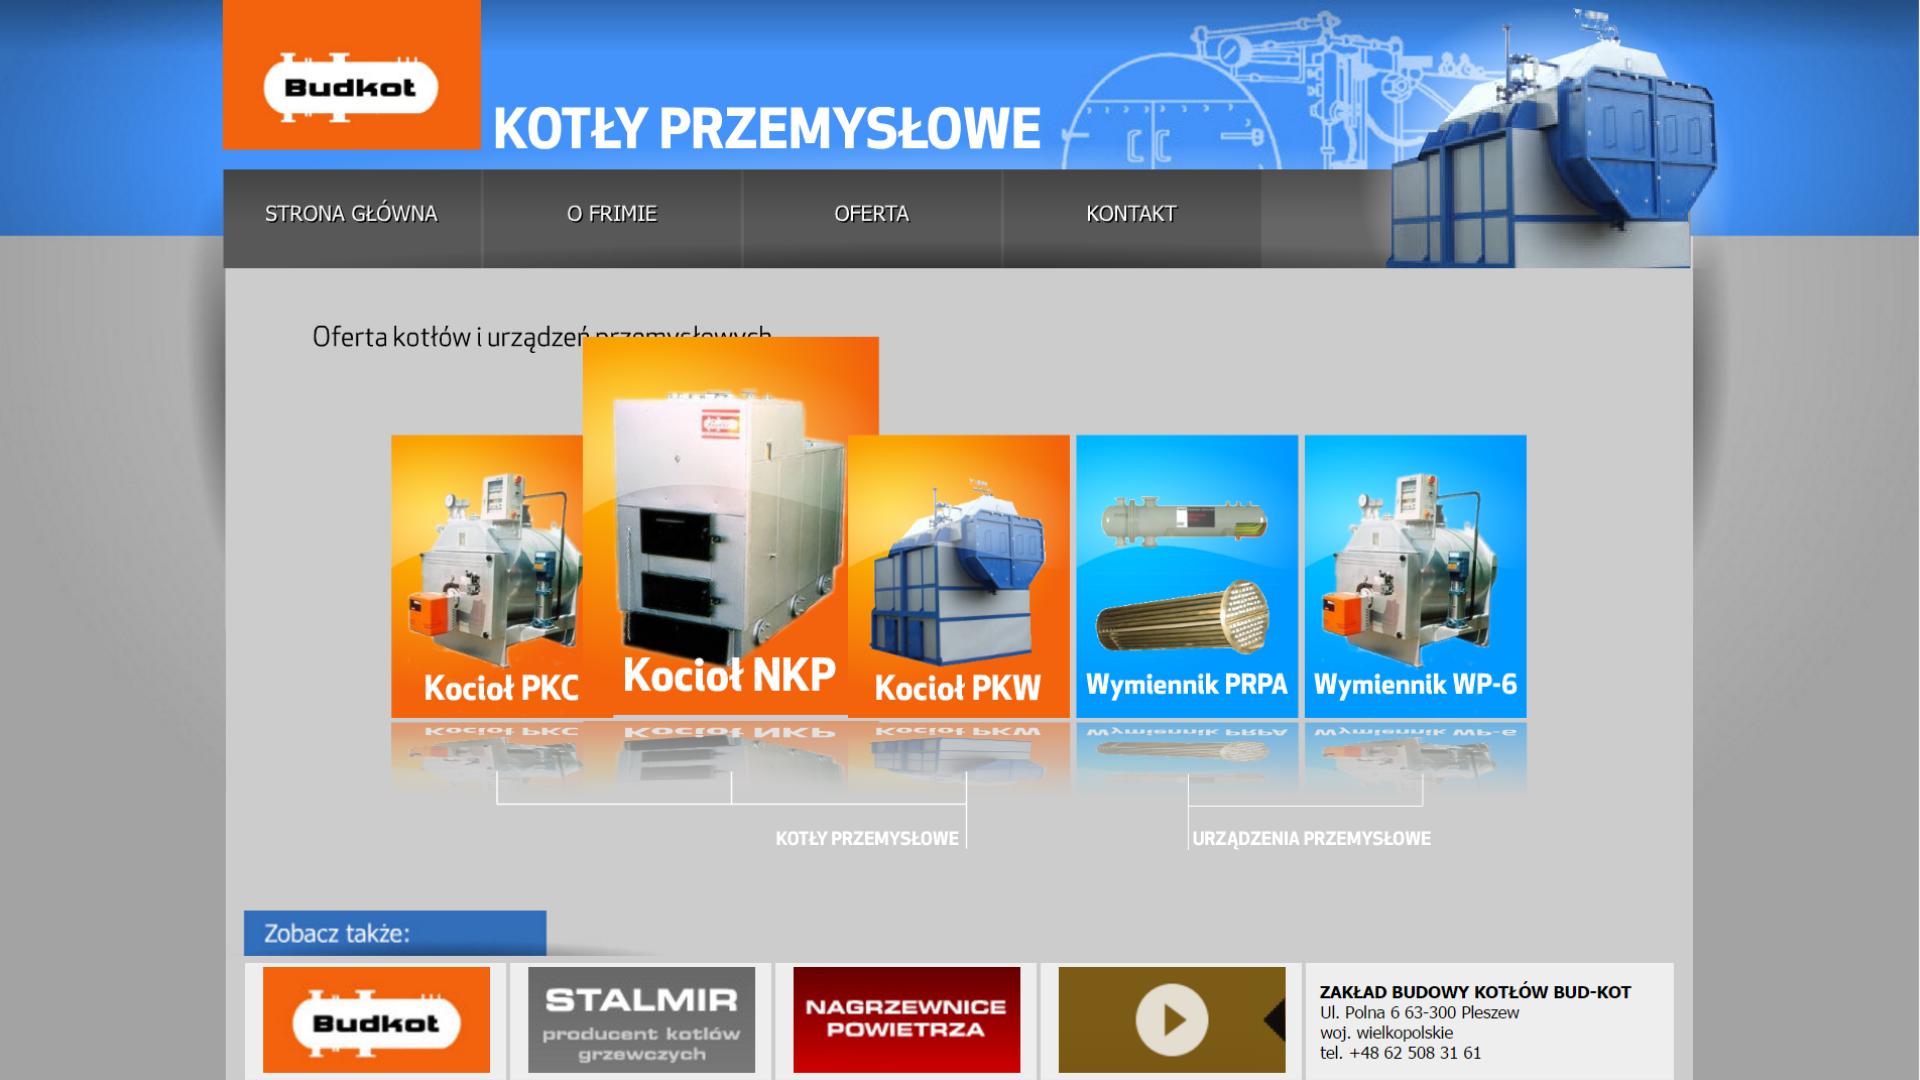 Stalmir.com.pl